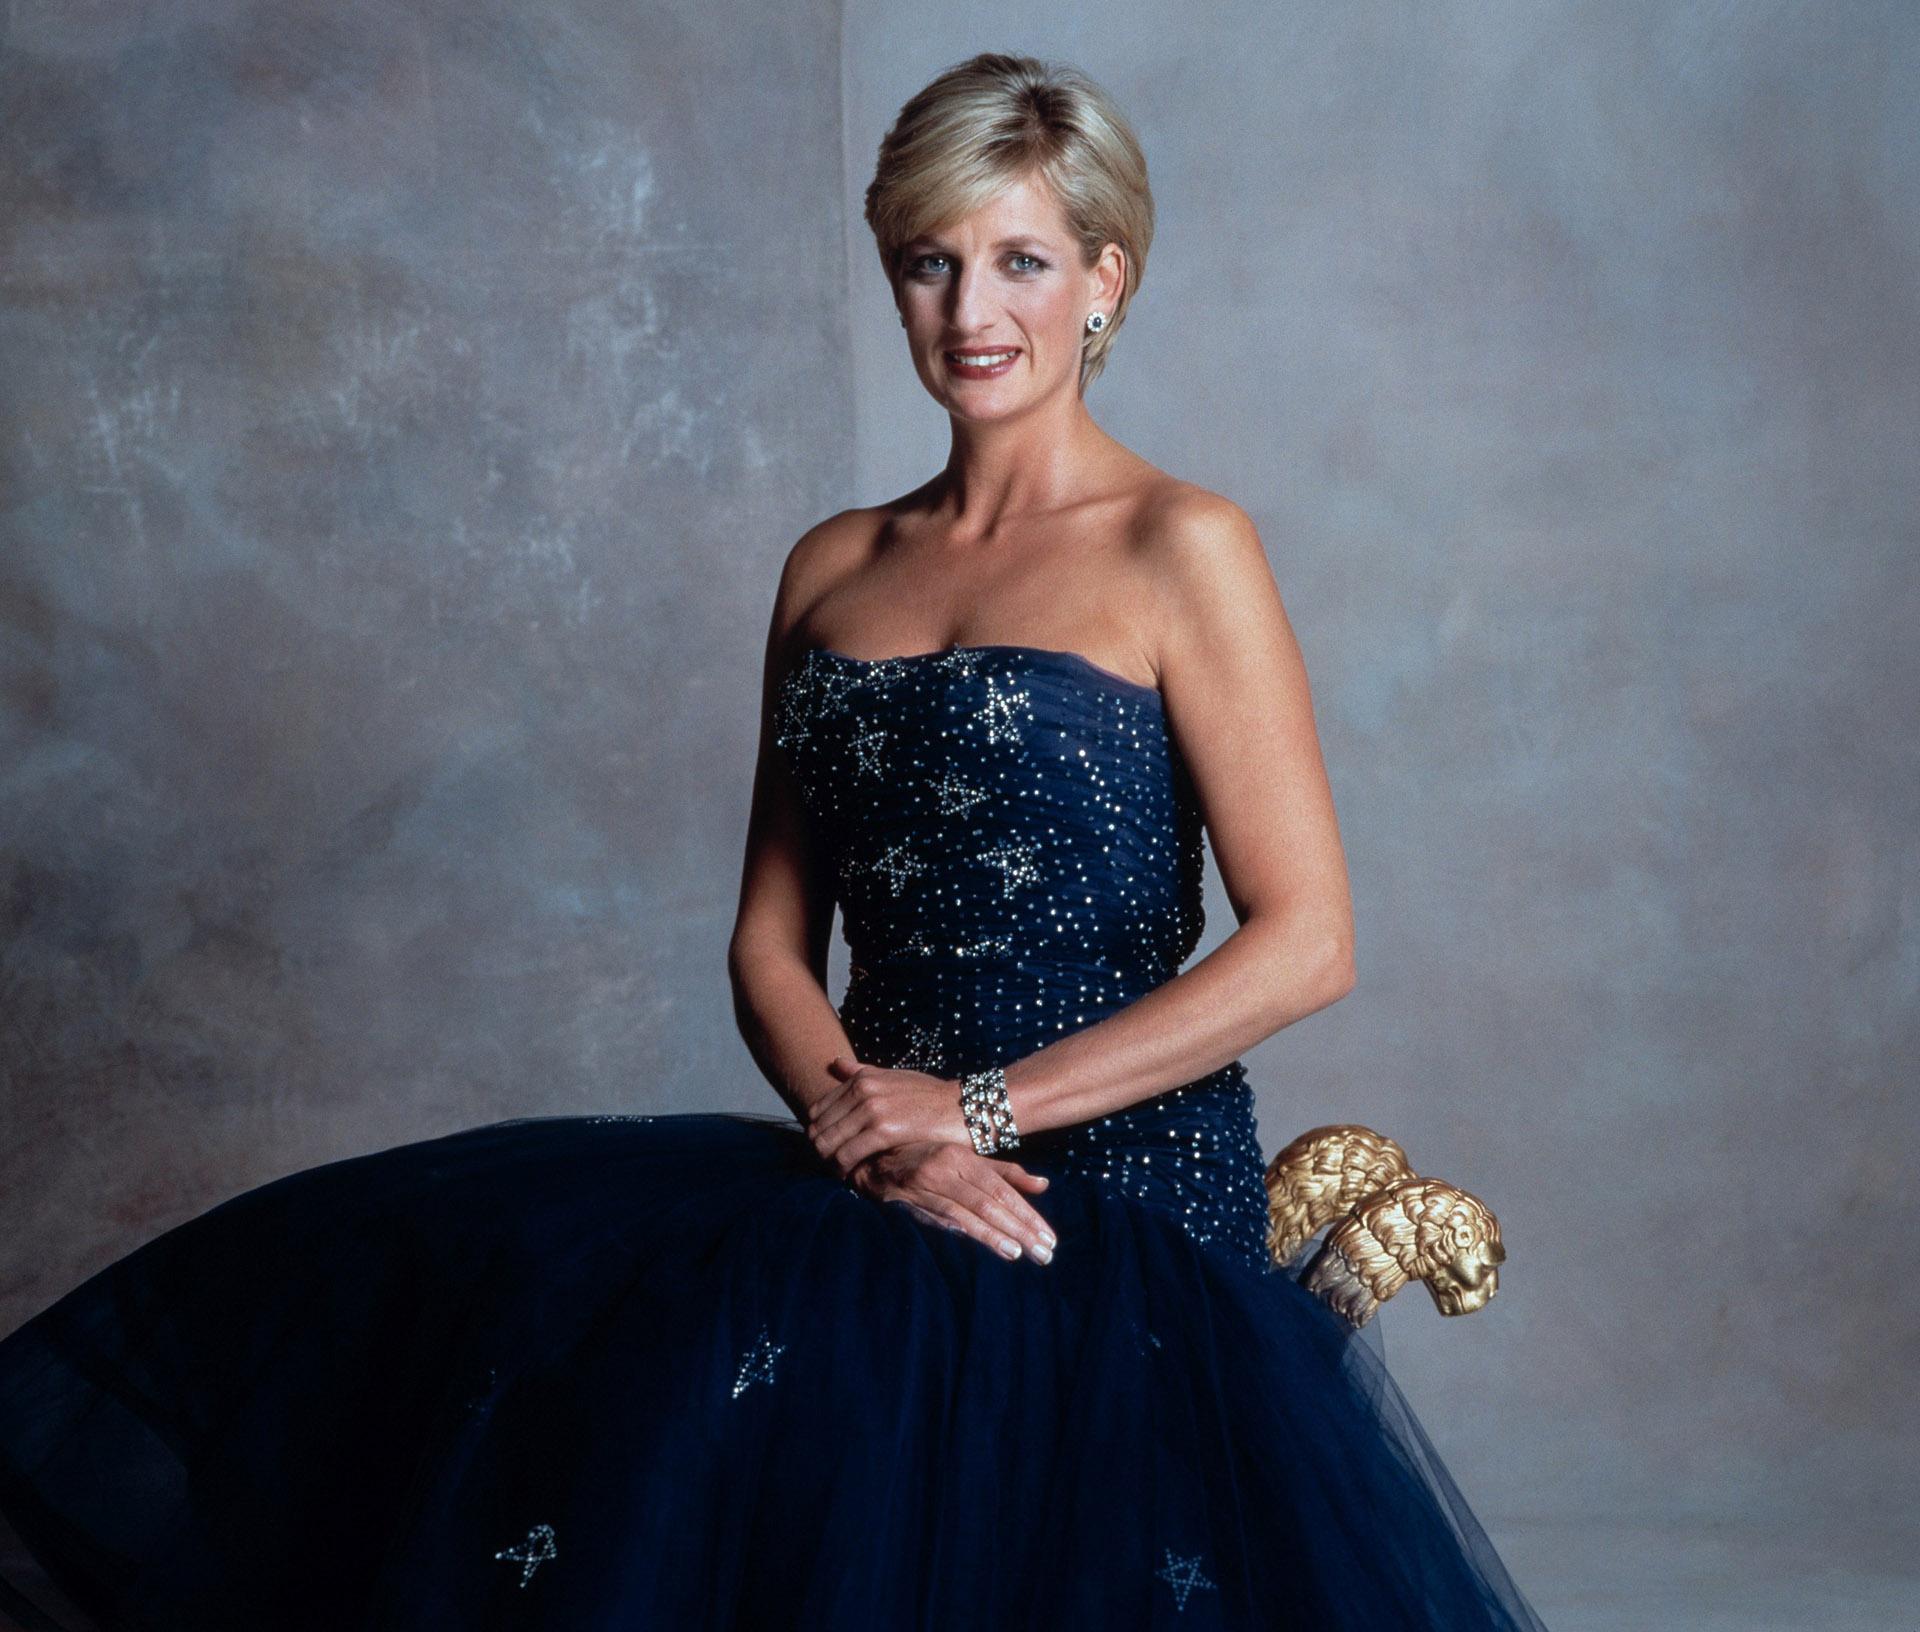 Lady Di, retratada por Mario Testino conun vestido strapless de tul y bordados junto con un brazalete y pequeños pendientes en brillantes con piedras azules